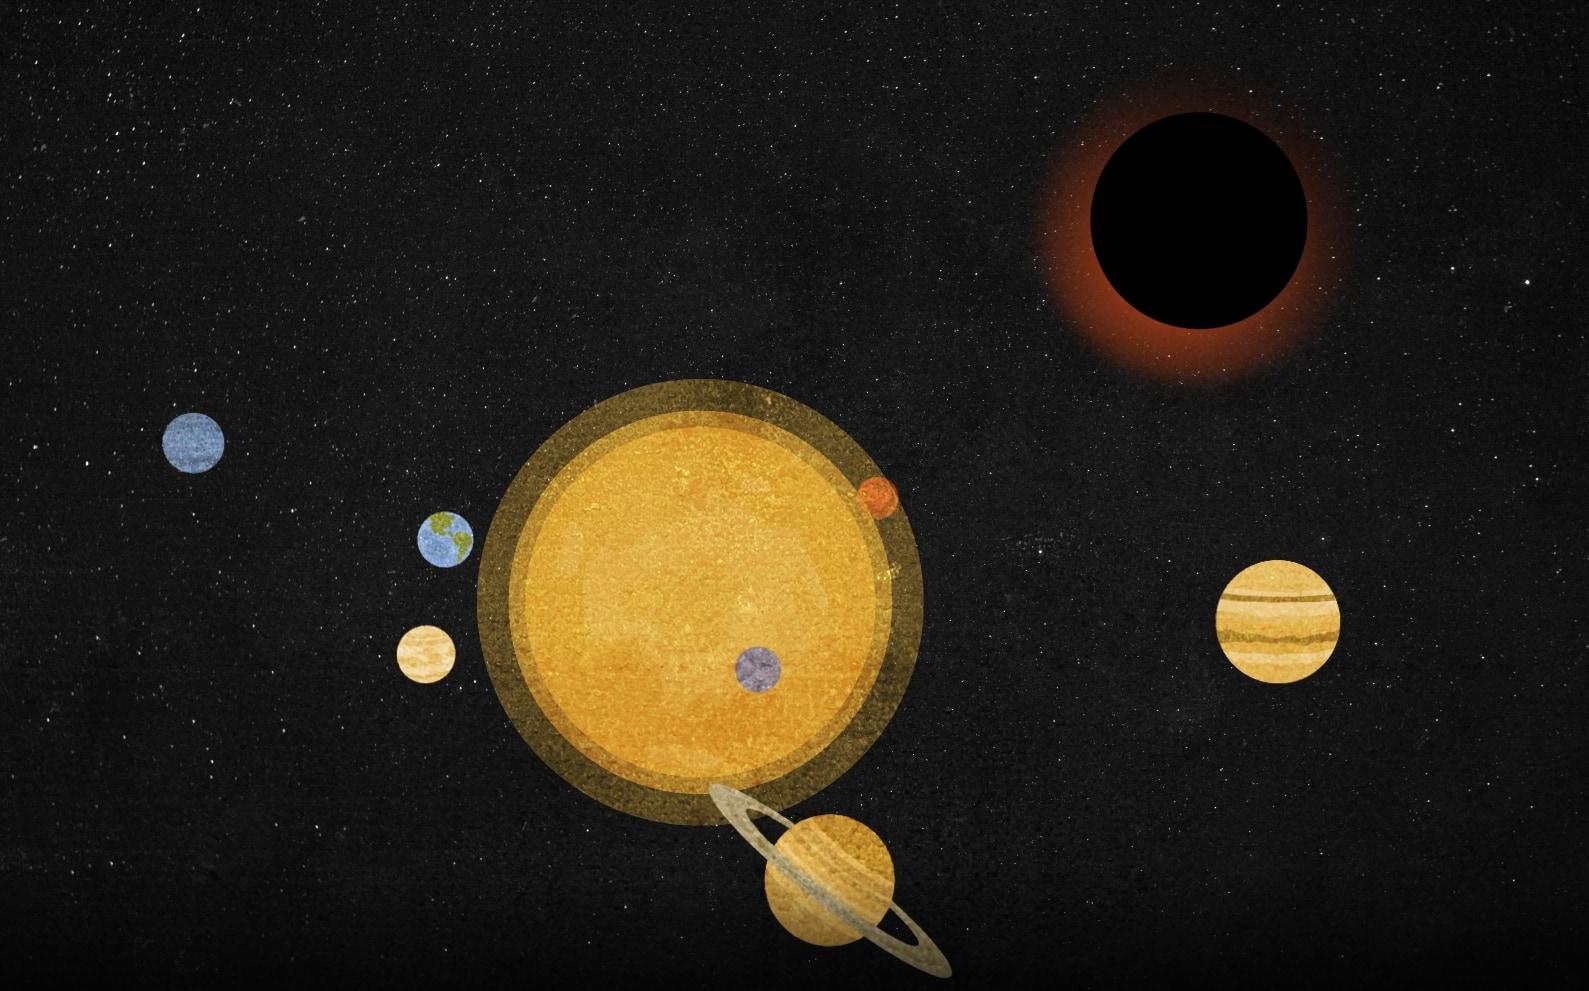 発見されたブラックホールは、記録上もっとも地球に近く、もっとも小さい。